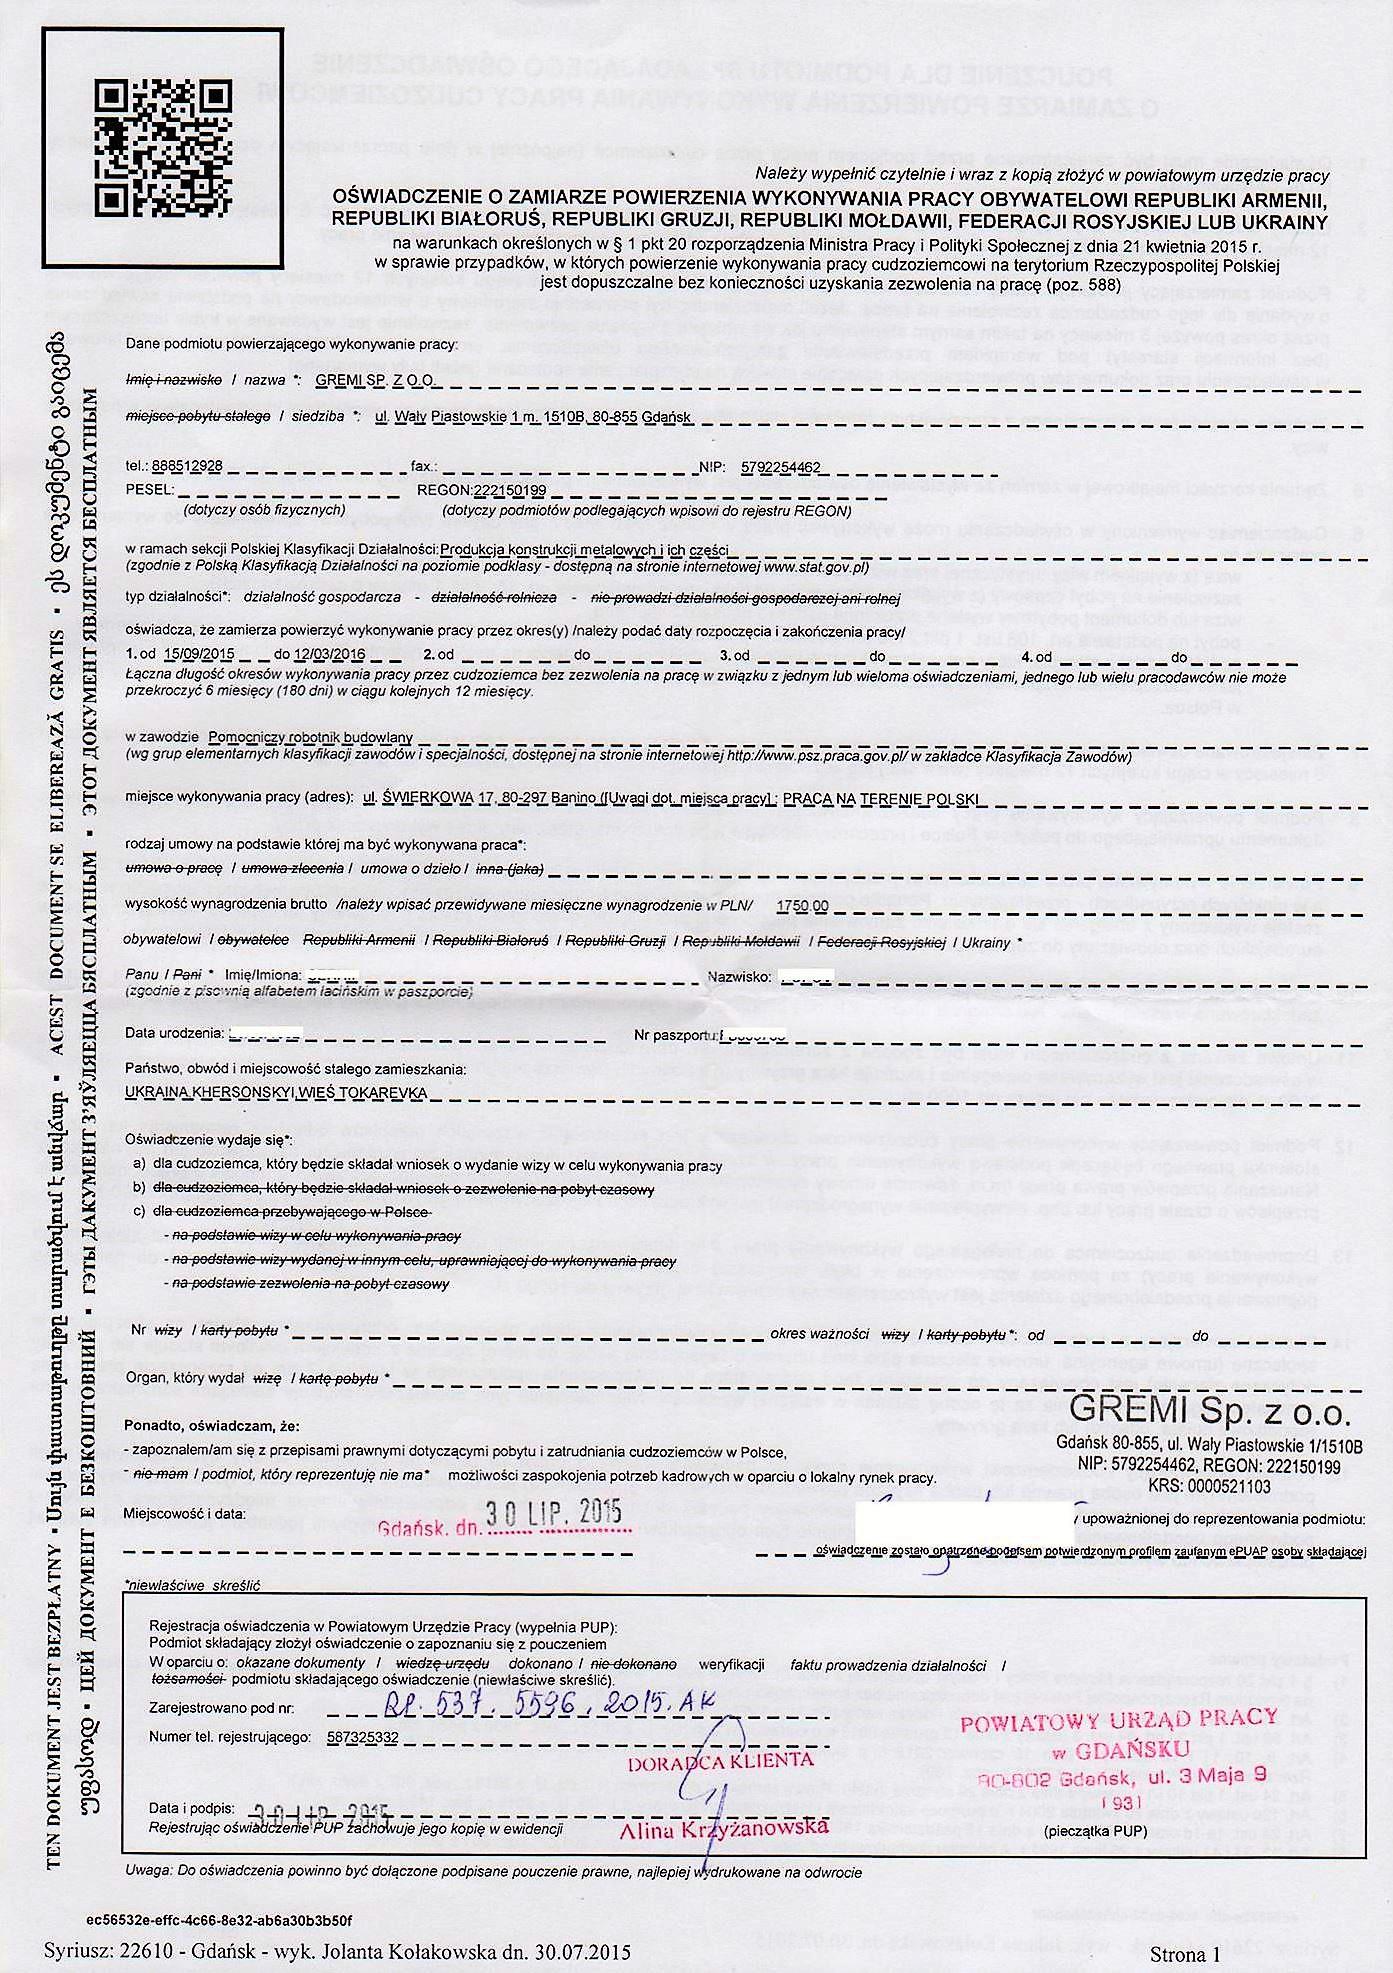 Приглашение на работу в Польшу (образец)